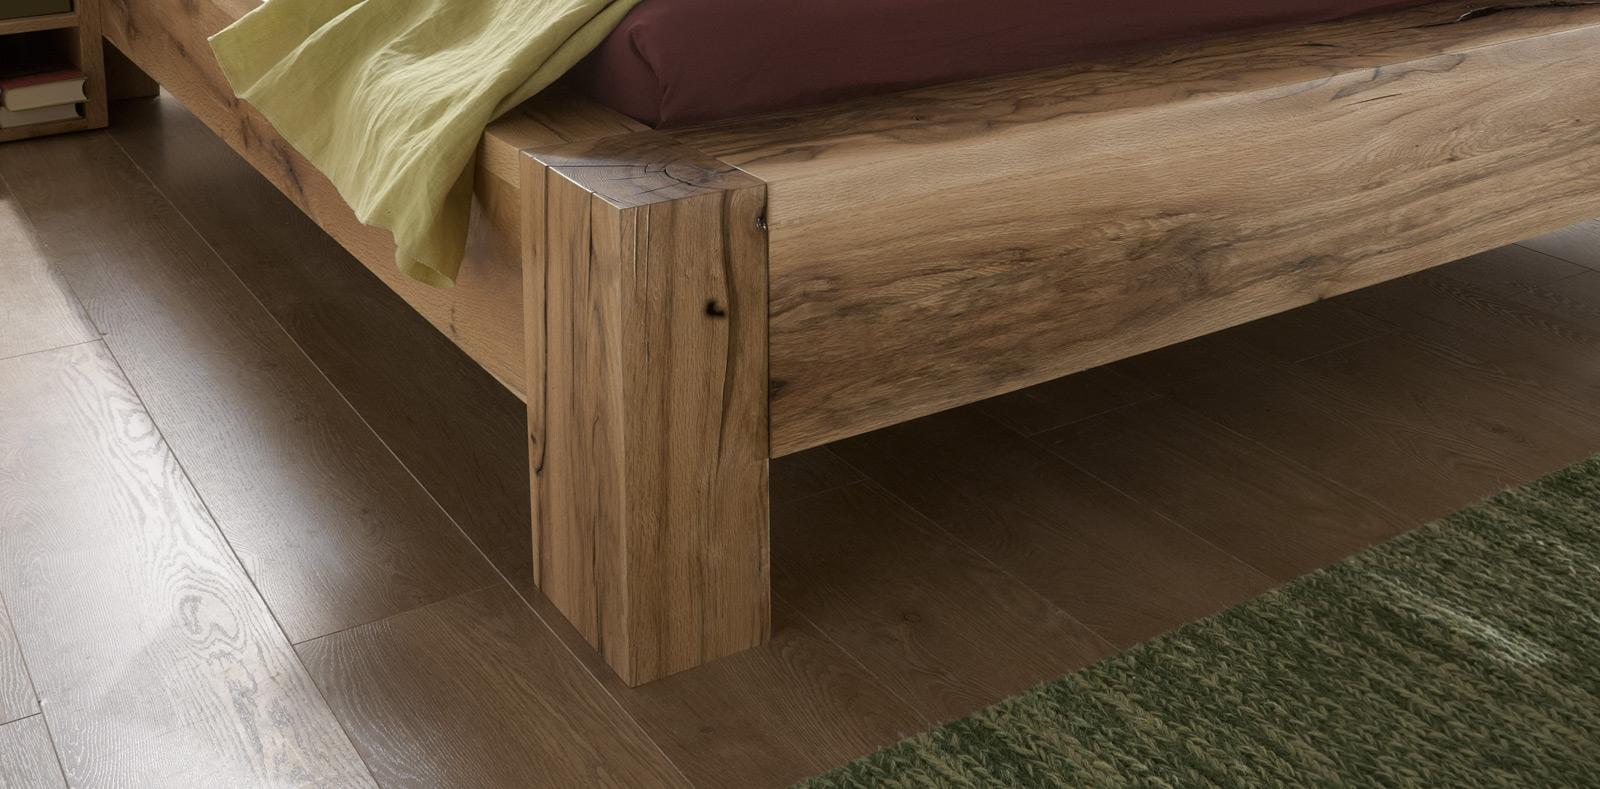 sam balkenbett massiv alma eiche 200x200 cm geteilt farbauswahl. Black Bedroom Furniture Sets. Home Design Ideas